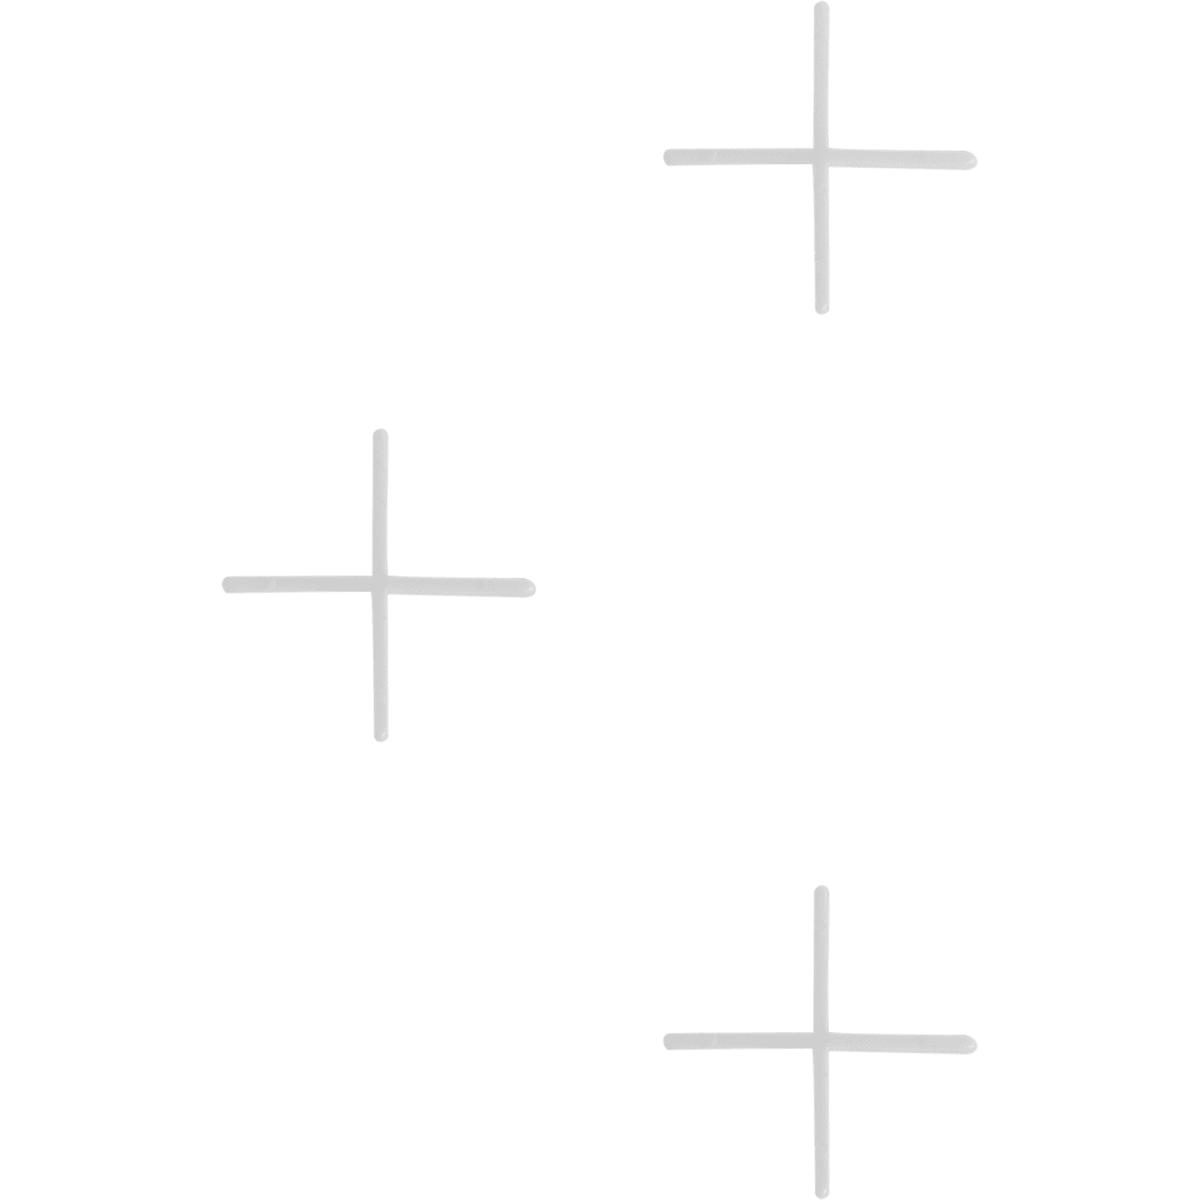 Крестики для кафельной плитки, 1 мм, 200 шт.